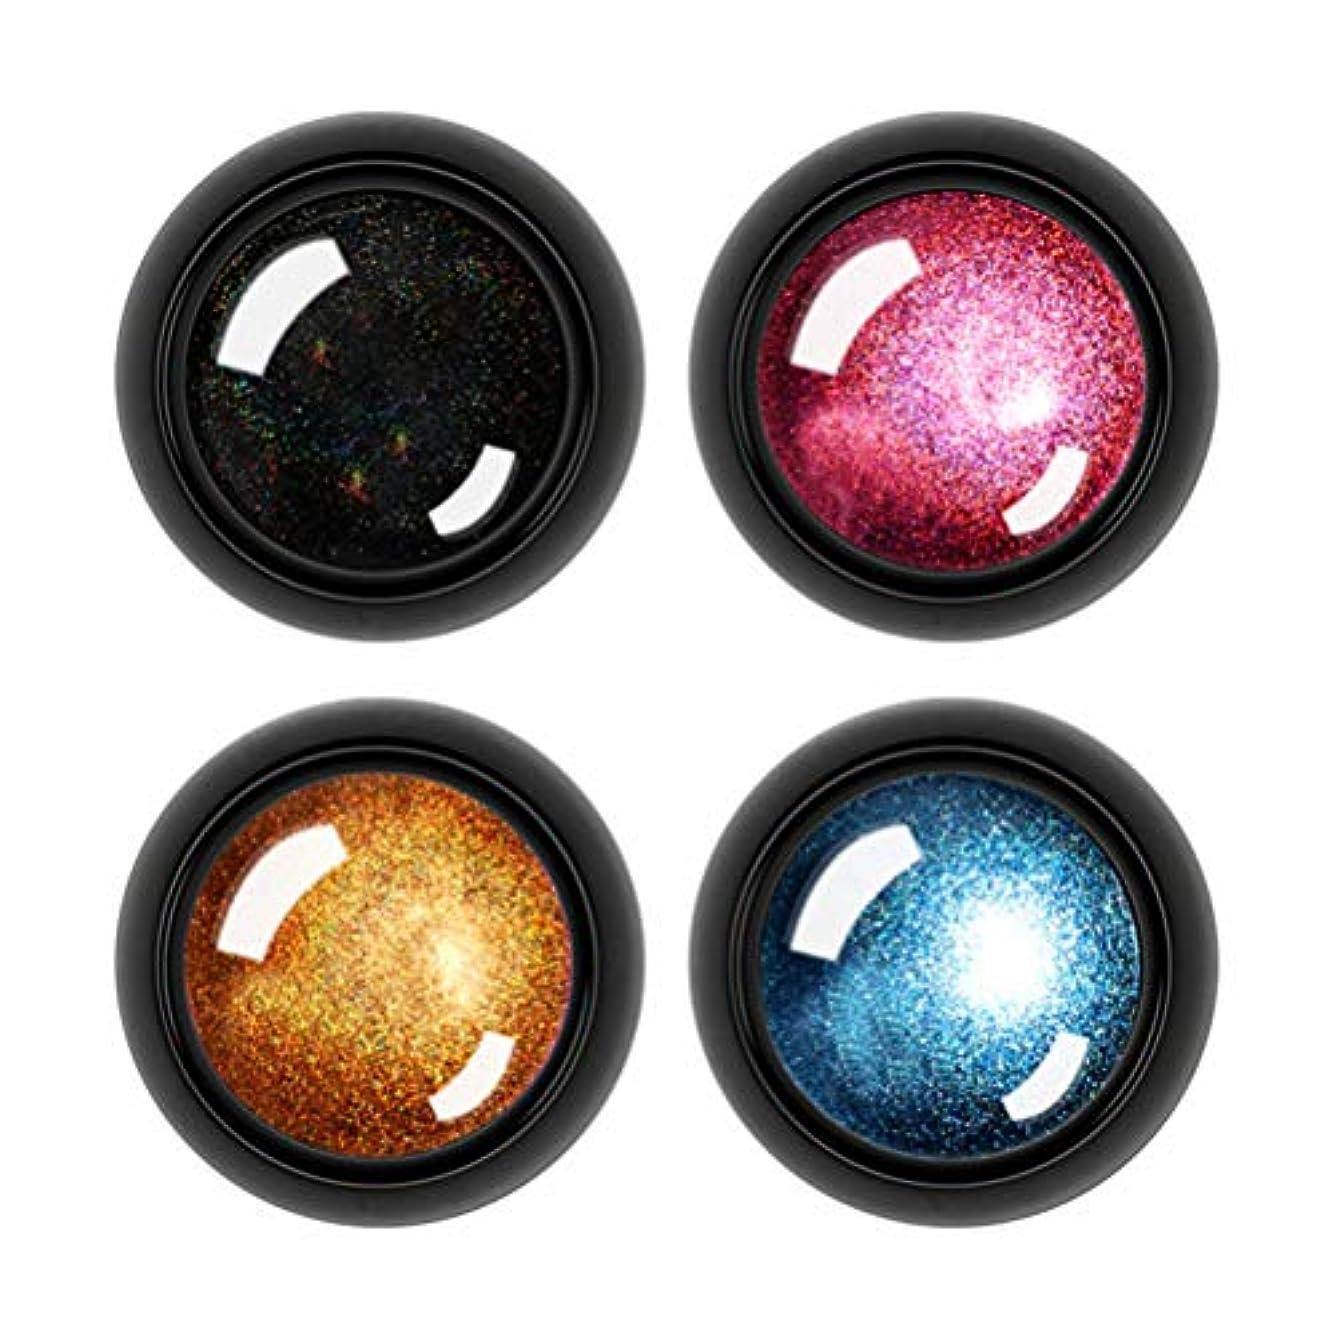 ベリ部分使い込むFrcolor ネイルパウダー ネイルアート ミラーパウダー ネイルオーロラ ユニコーンパウダー 輝く 鏡面 金属調 4色セット